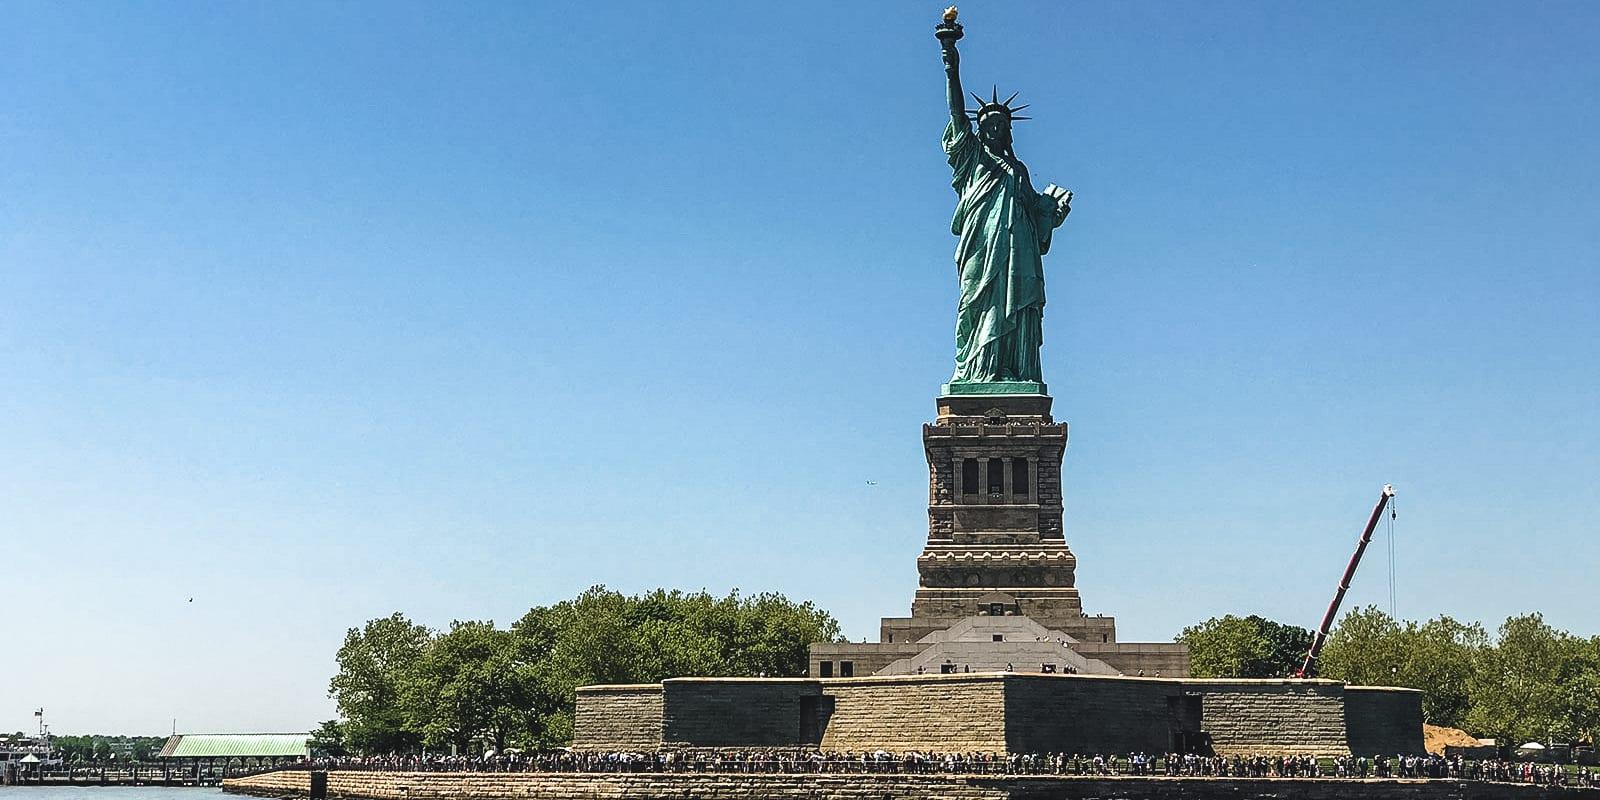 La estatua de la libertad durante el viaje en barco arquitectónico en Nueva York